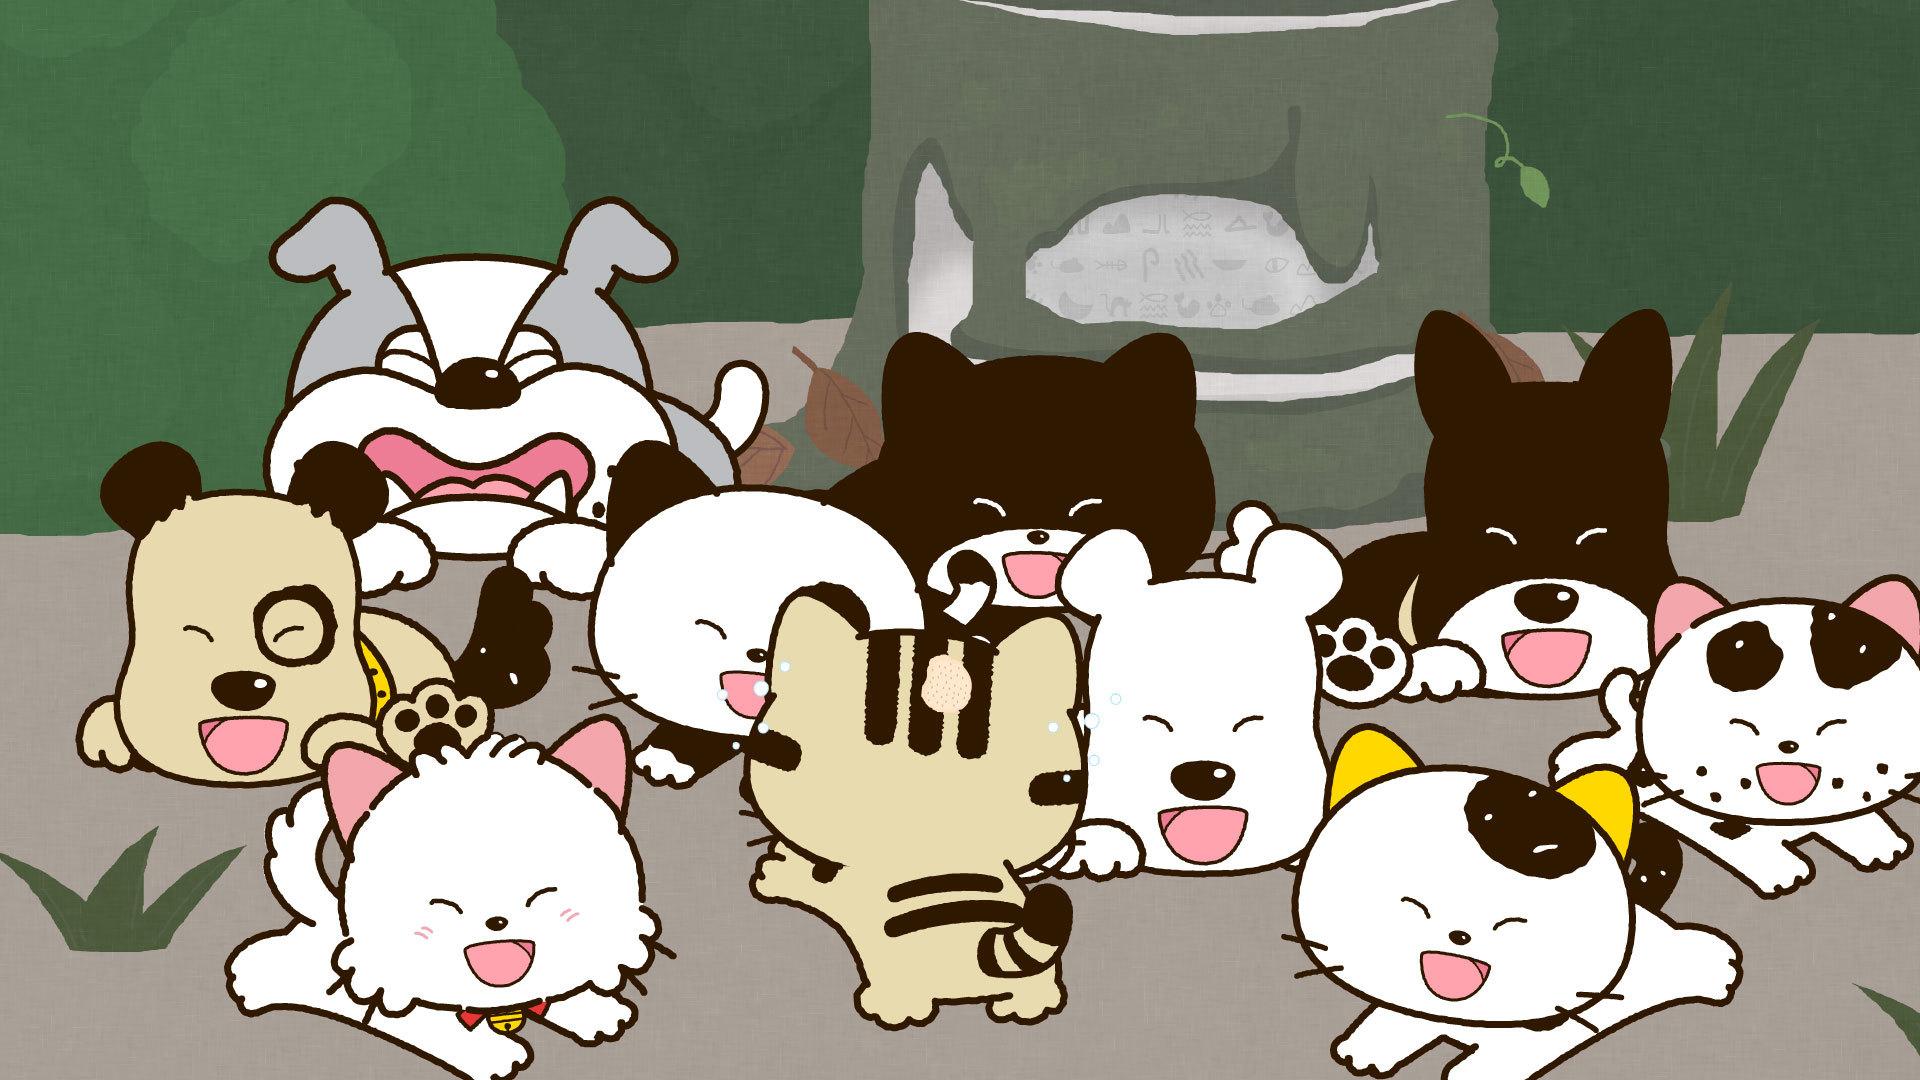 猫好き必見 猫だらけのオムニバス映画の製作決定 ダヤンとタマと